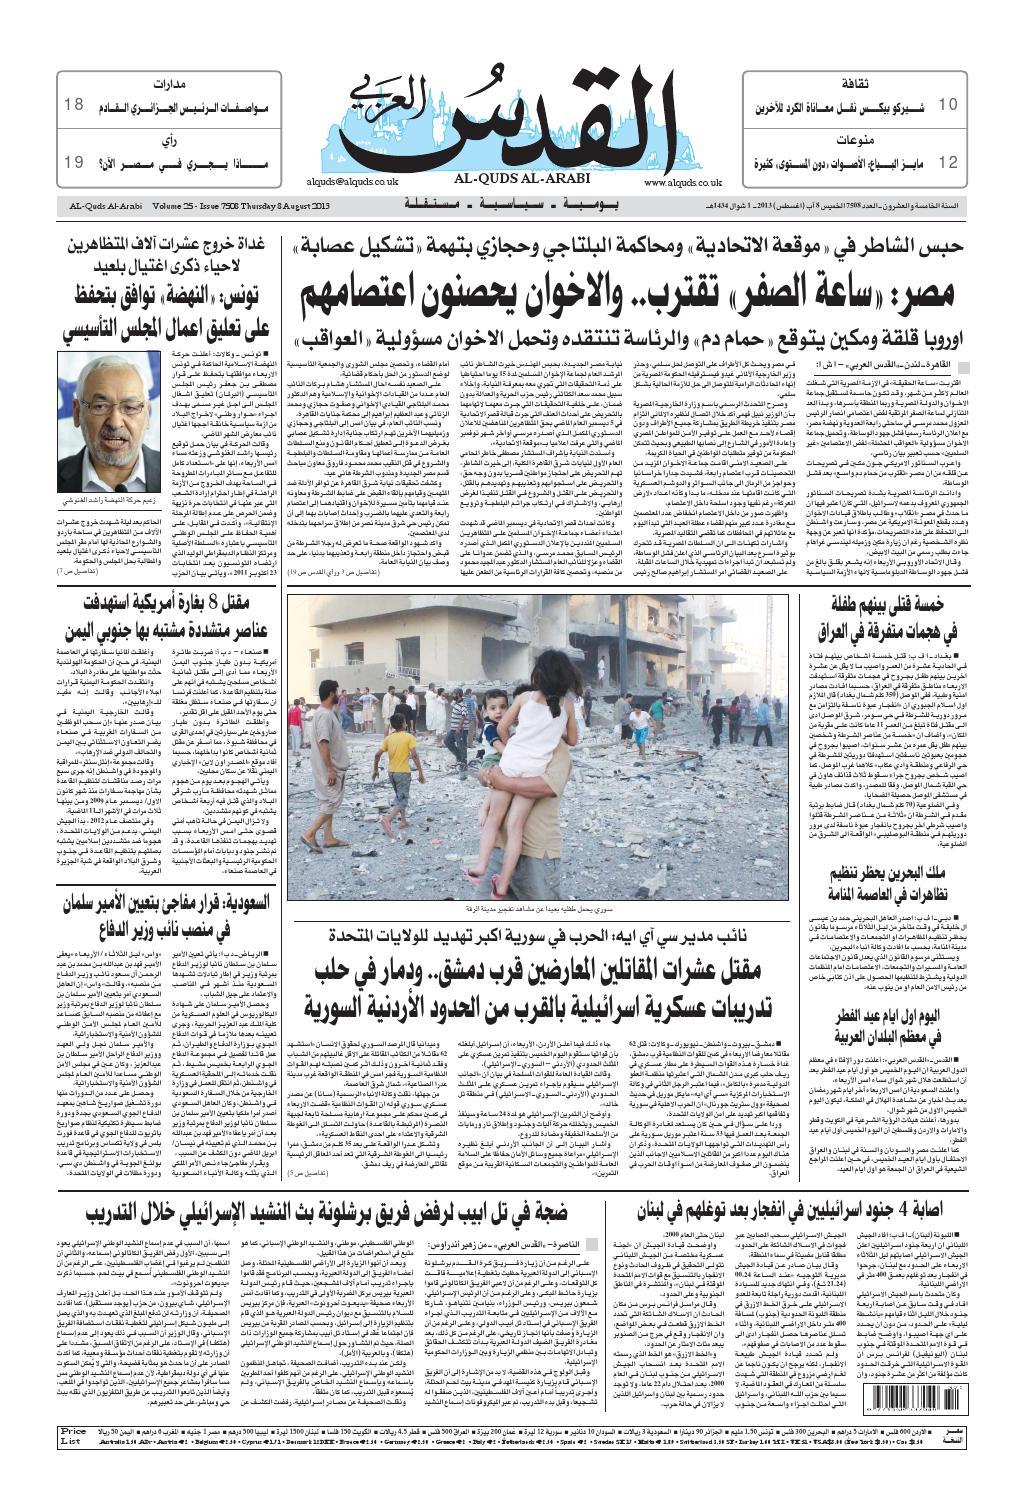 d8e982951 صحيفة القدس العربي , الخميس 08.08.2013 by مركز الحدث - issuu